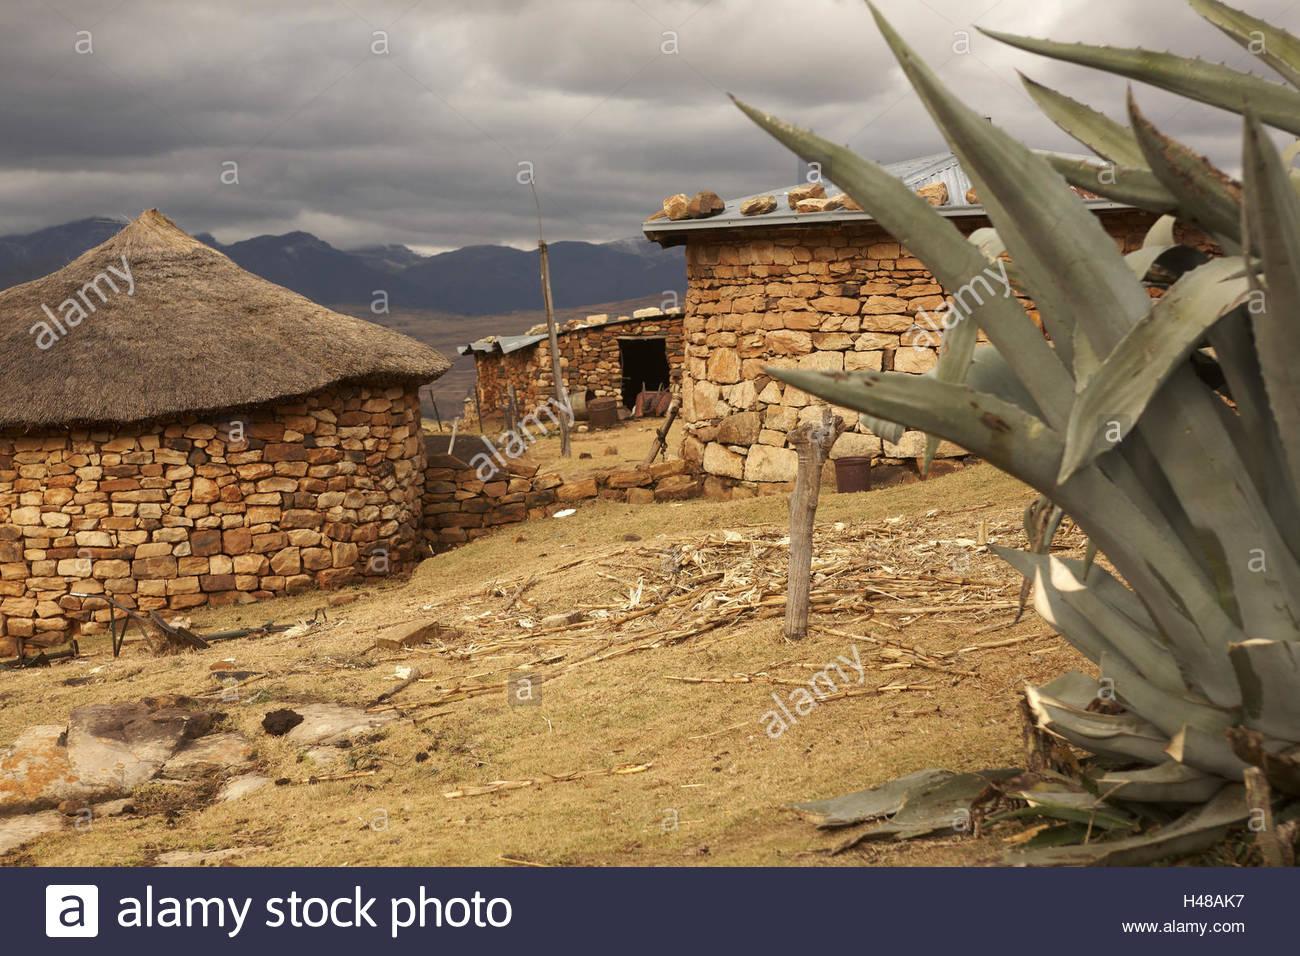 Africa, southern Africa, Lesotho, early Basutoland, province Maseru, Malealea, Drakensberge, Maloti mountains, Lowlands, - Stock Image